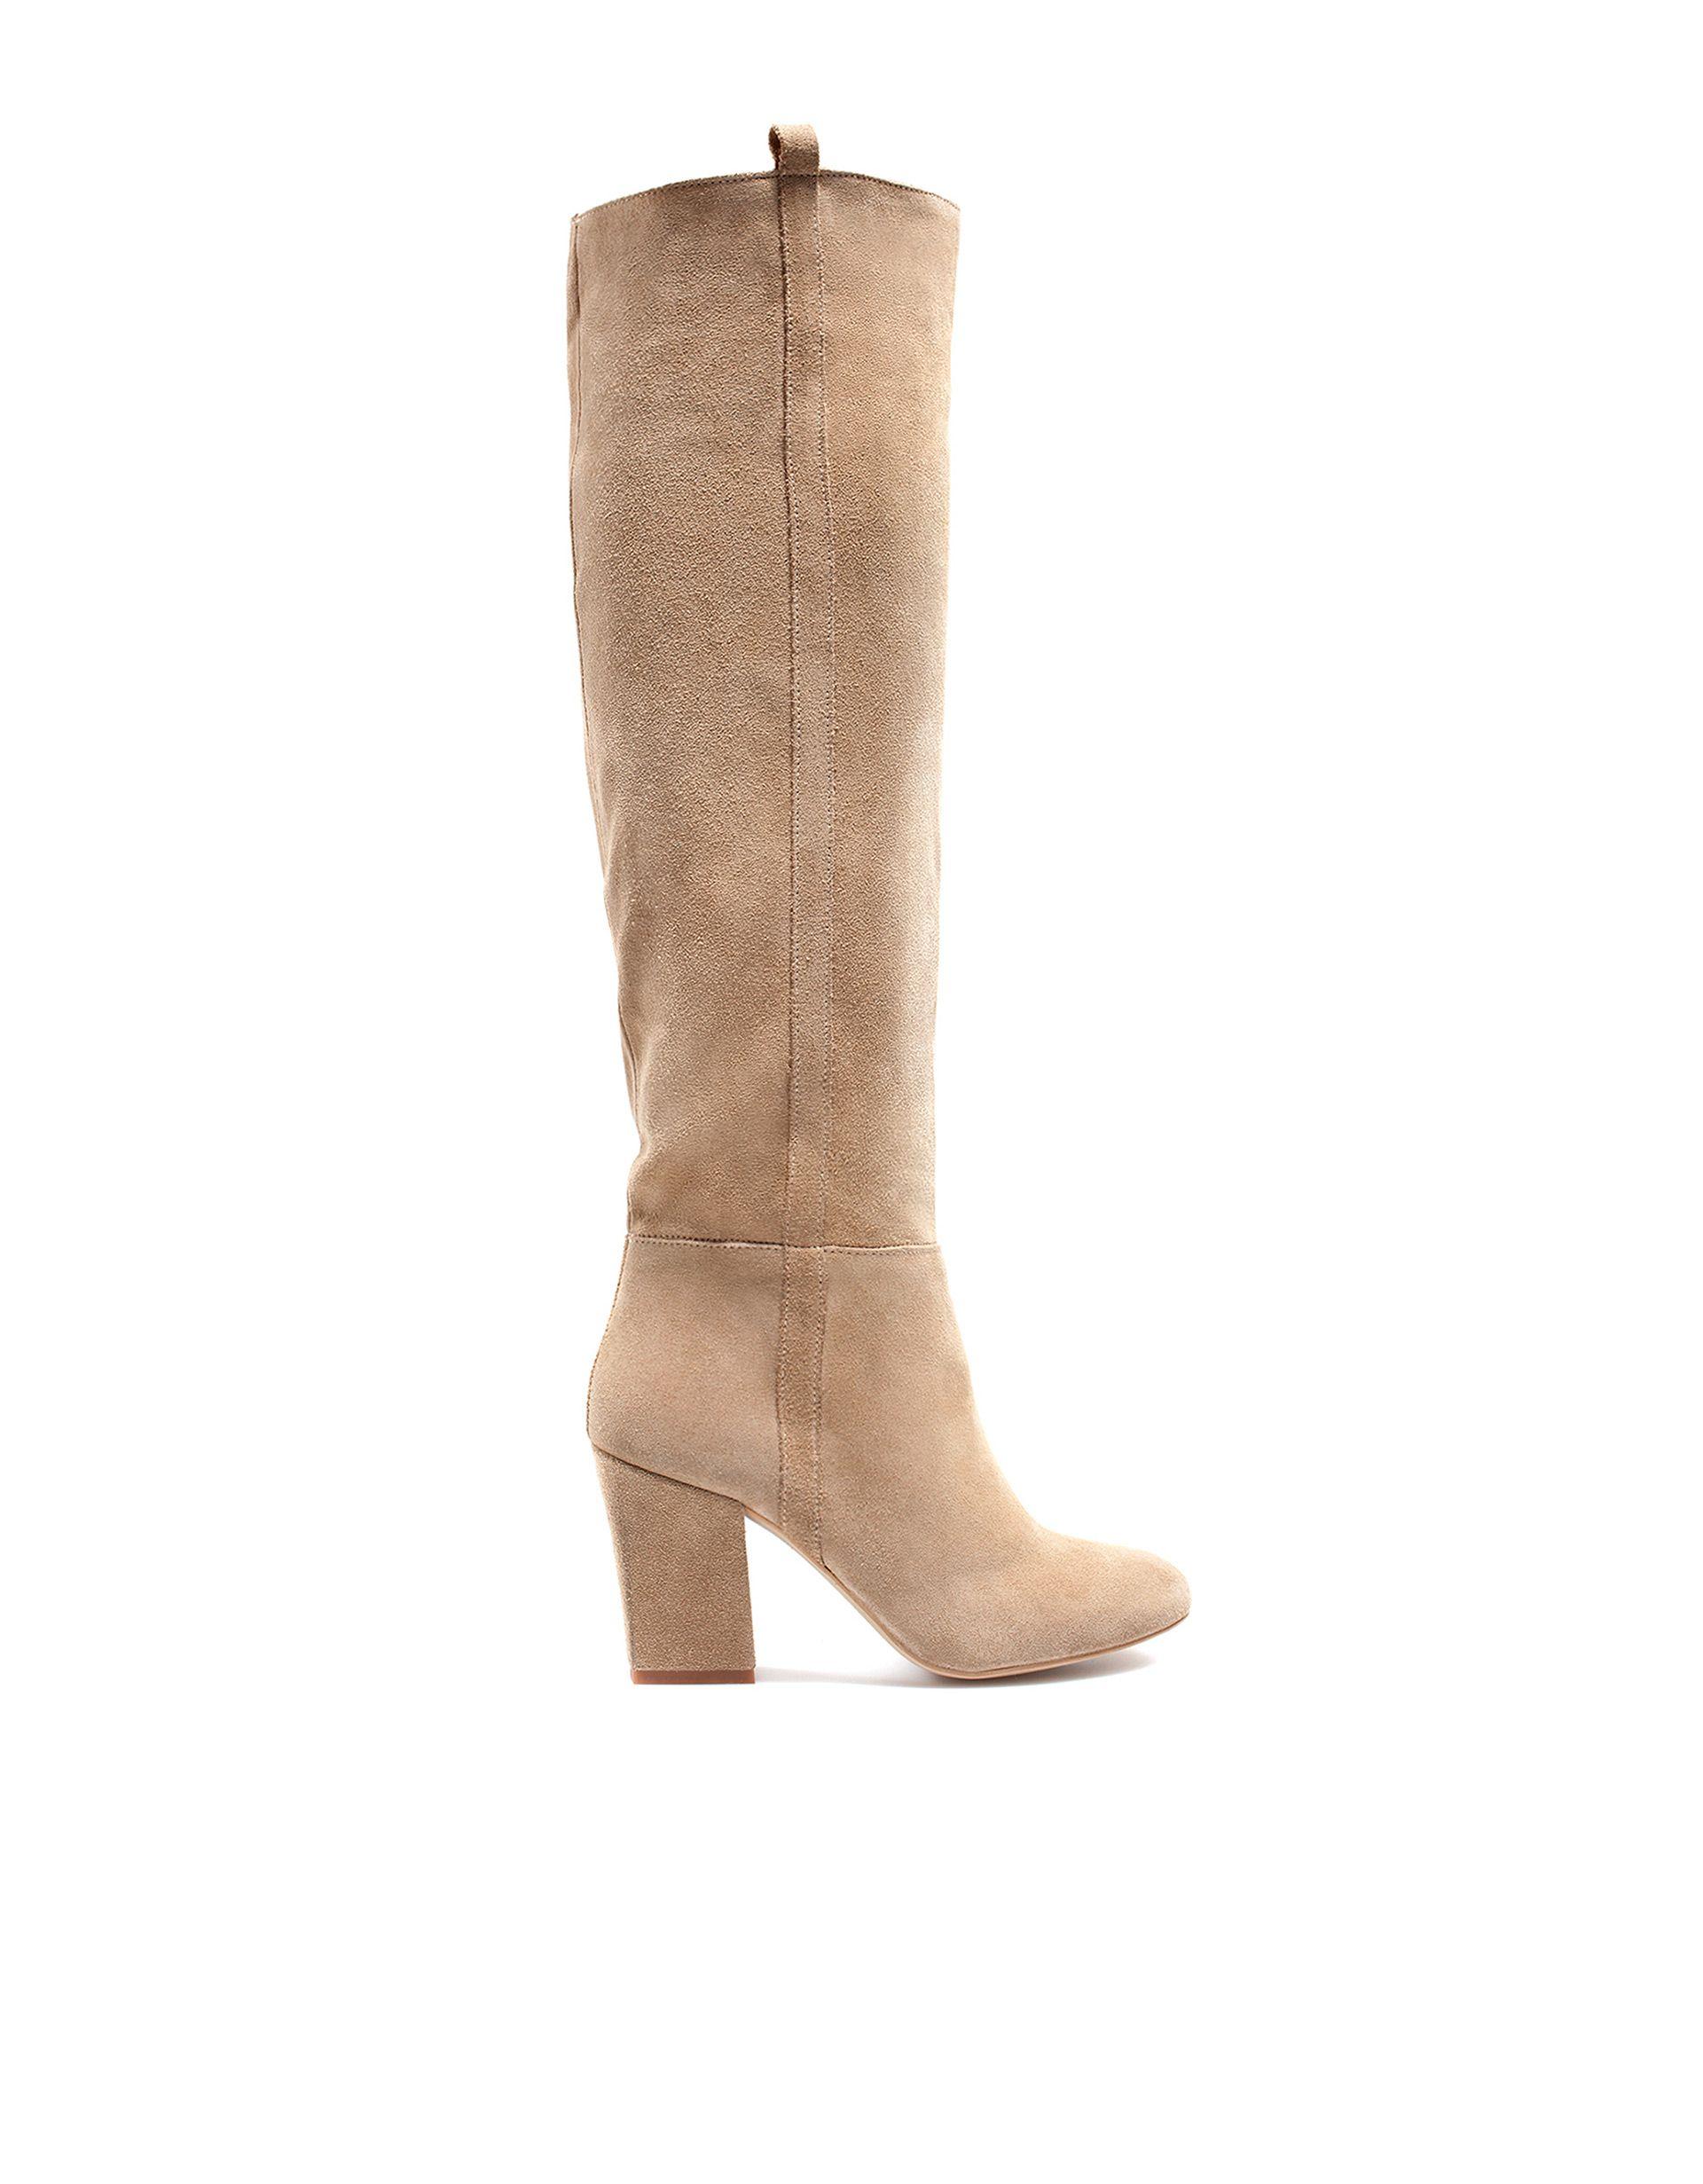 d96b9ed3 Botas de caña alta de ante beige de Zara | Bags & Shoes | Botas de ...